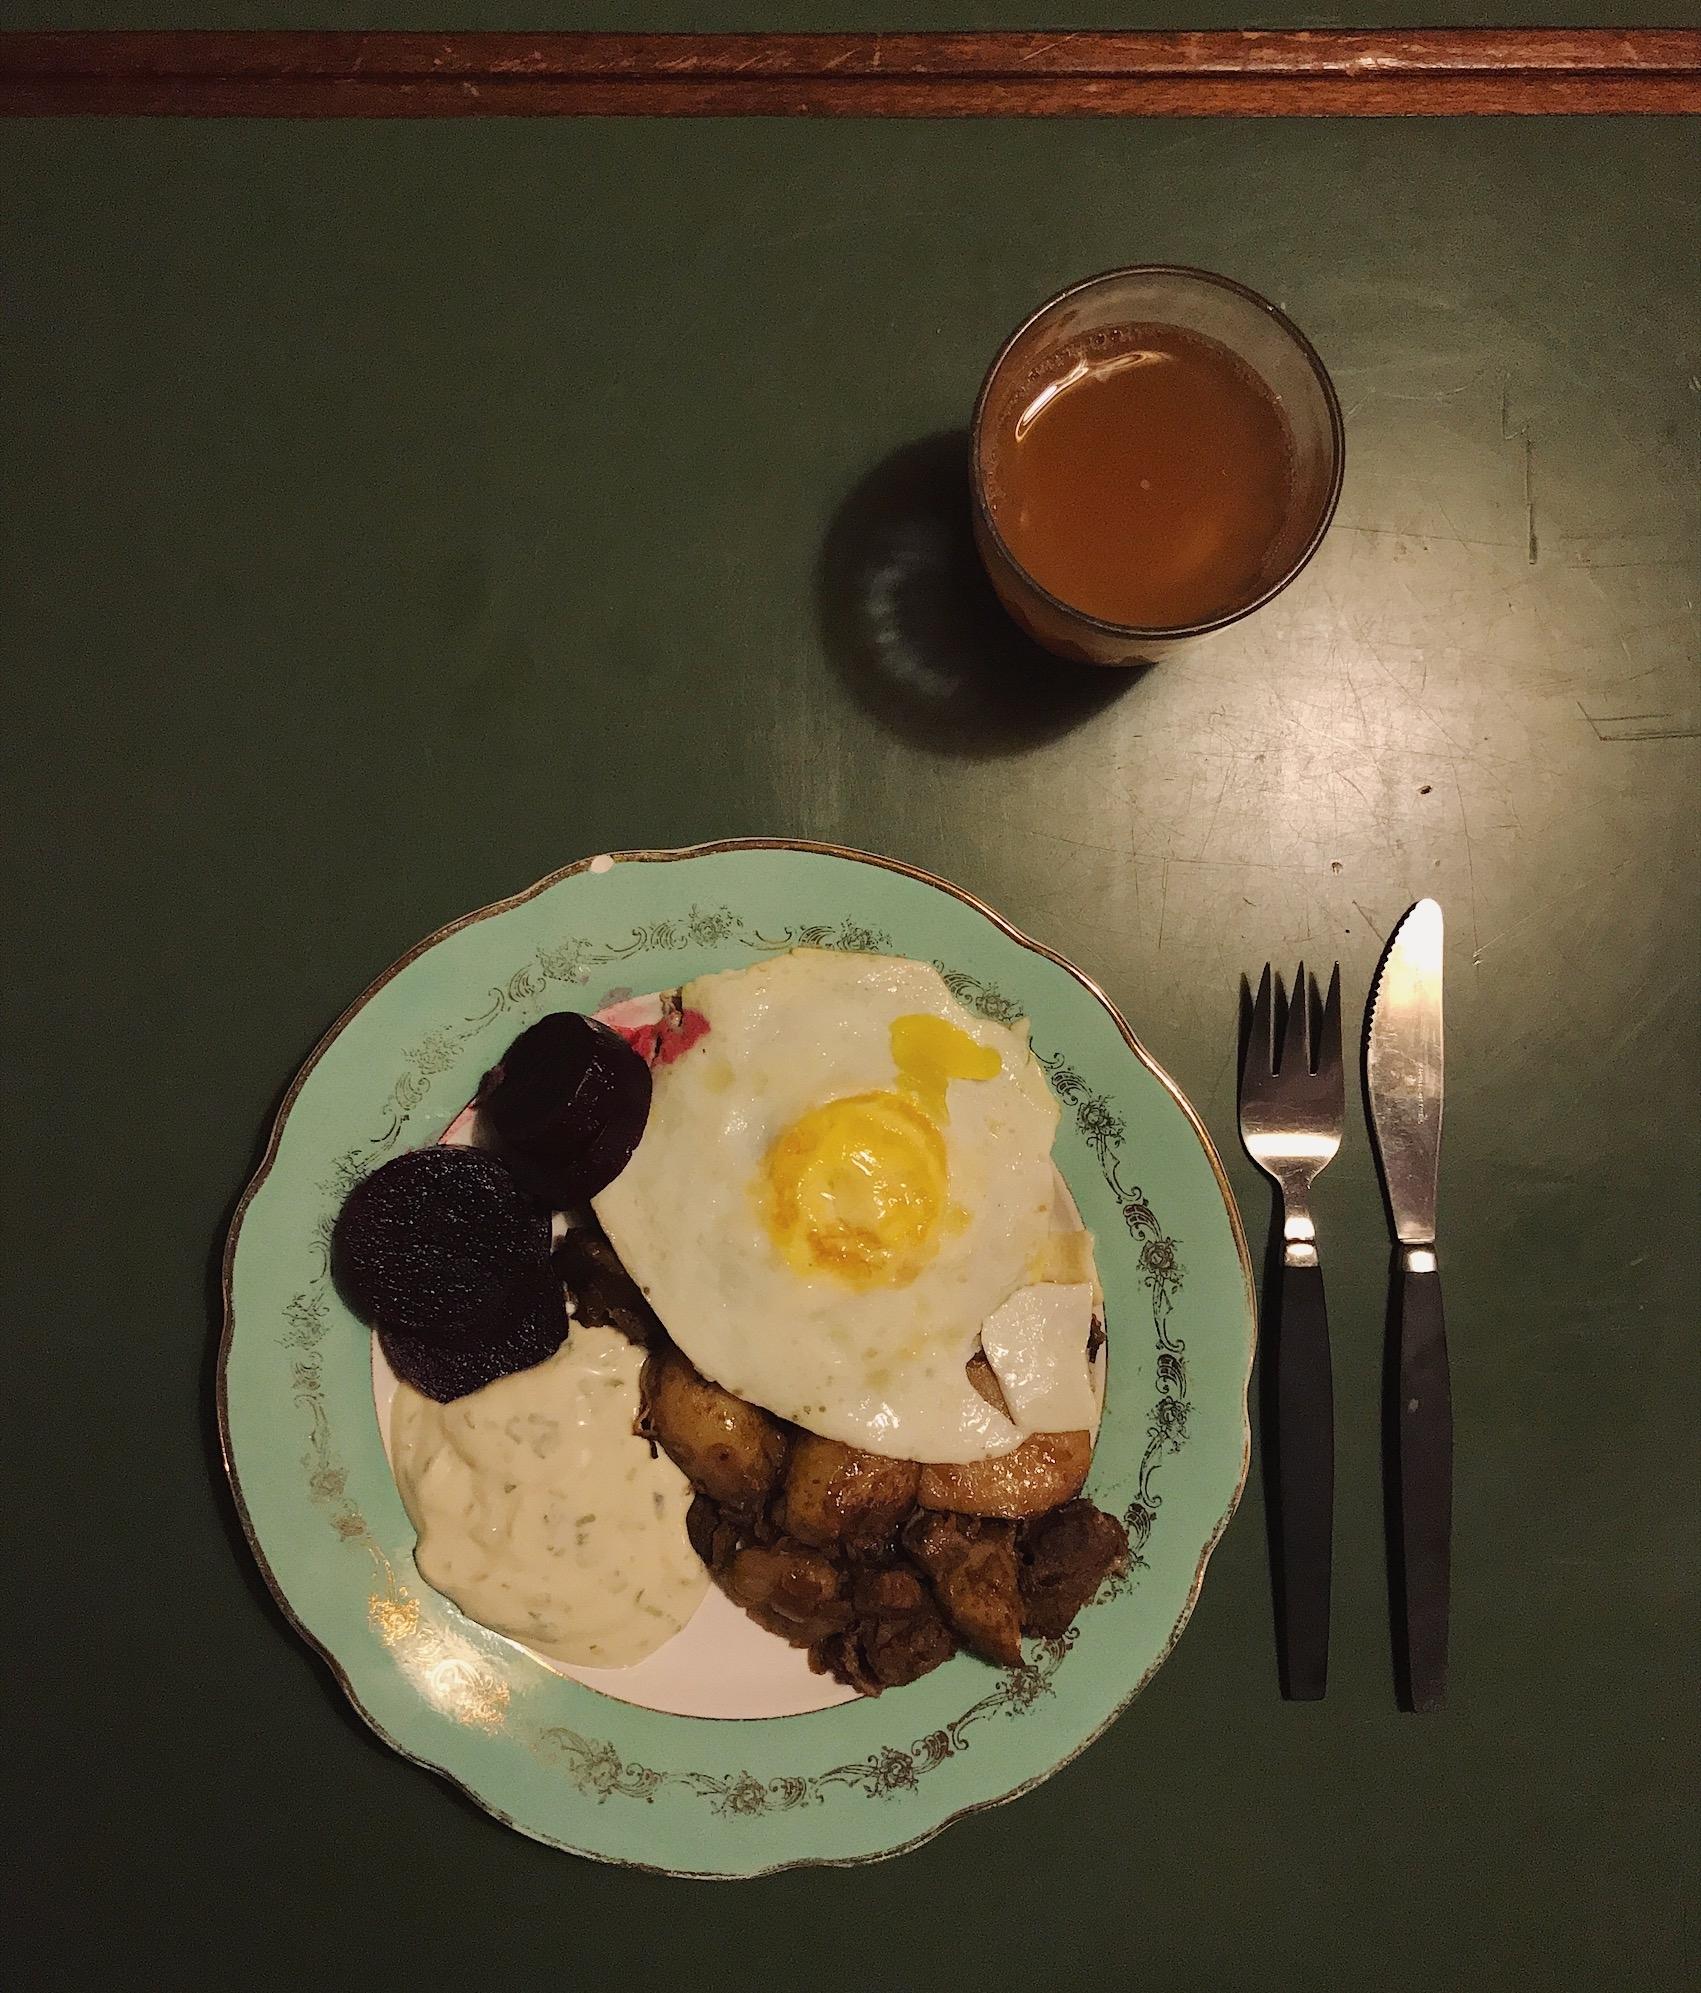 3. EAT |KARMAMAN